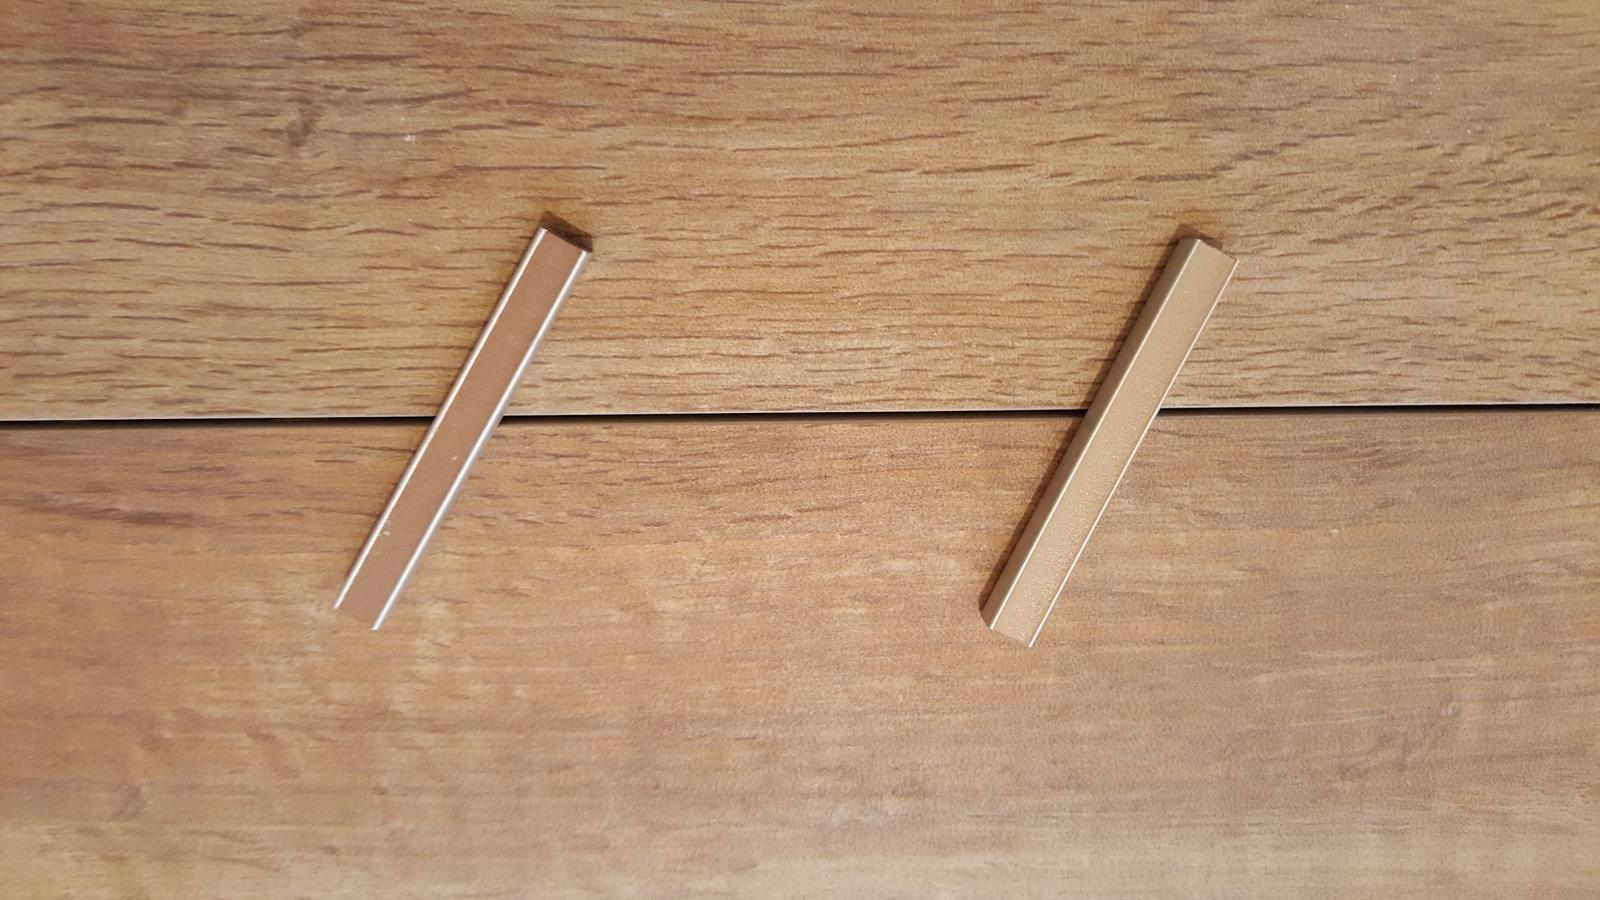 VÝBĚR SPÁROVAČKY ... prosím, kterou byste mi doporučili spárovačku ... v úzkém výběru máme dvě, ladí obě, jen jedna je světlejší a druhá tmavší než dlažba ... (konkrétně jde o Marazzi Larice a spárovačky Mapei Karamel a Ceresit Toffi) ... neumím se rozhodnout ... DĚKUJI :-) - Obrázek č. 2